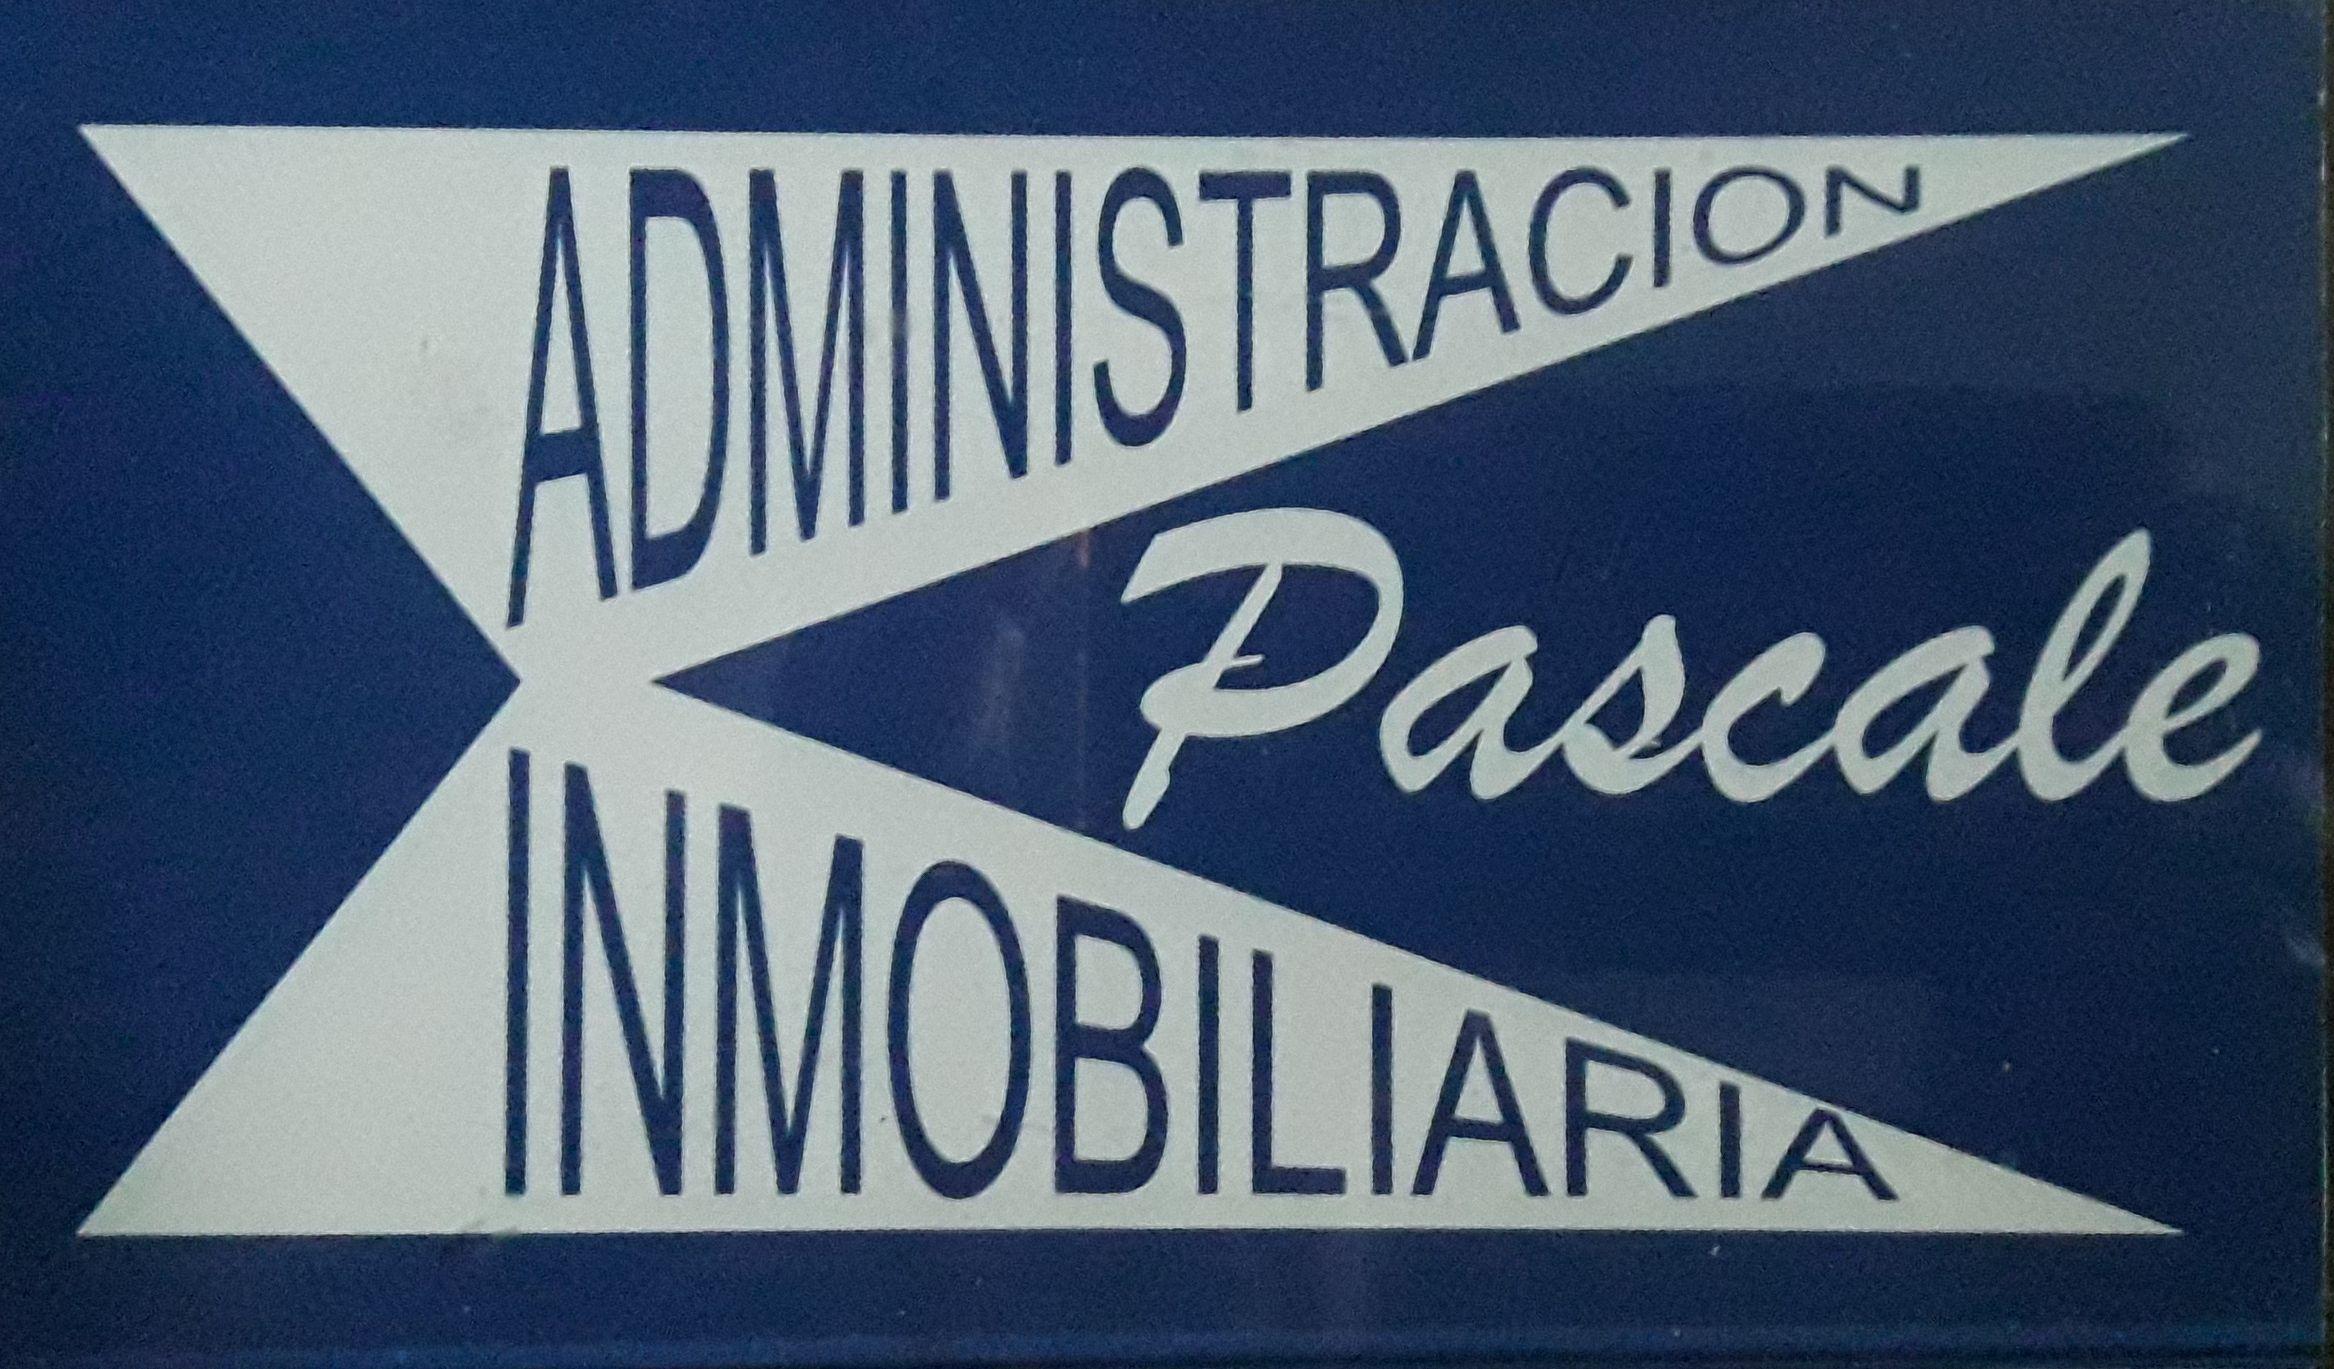 Logo de  Inmobiliariapascale